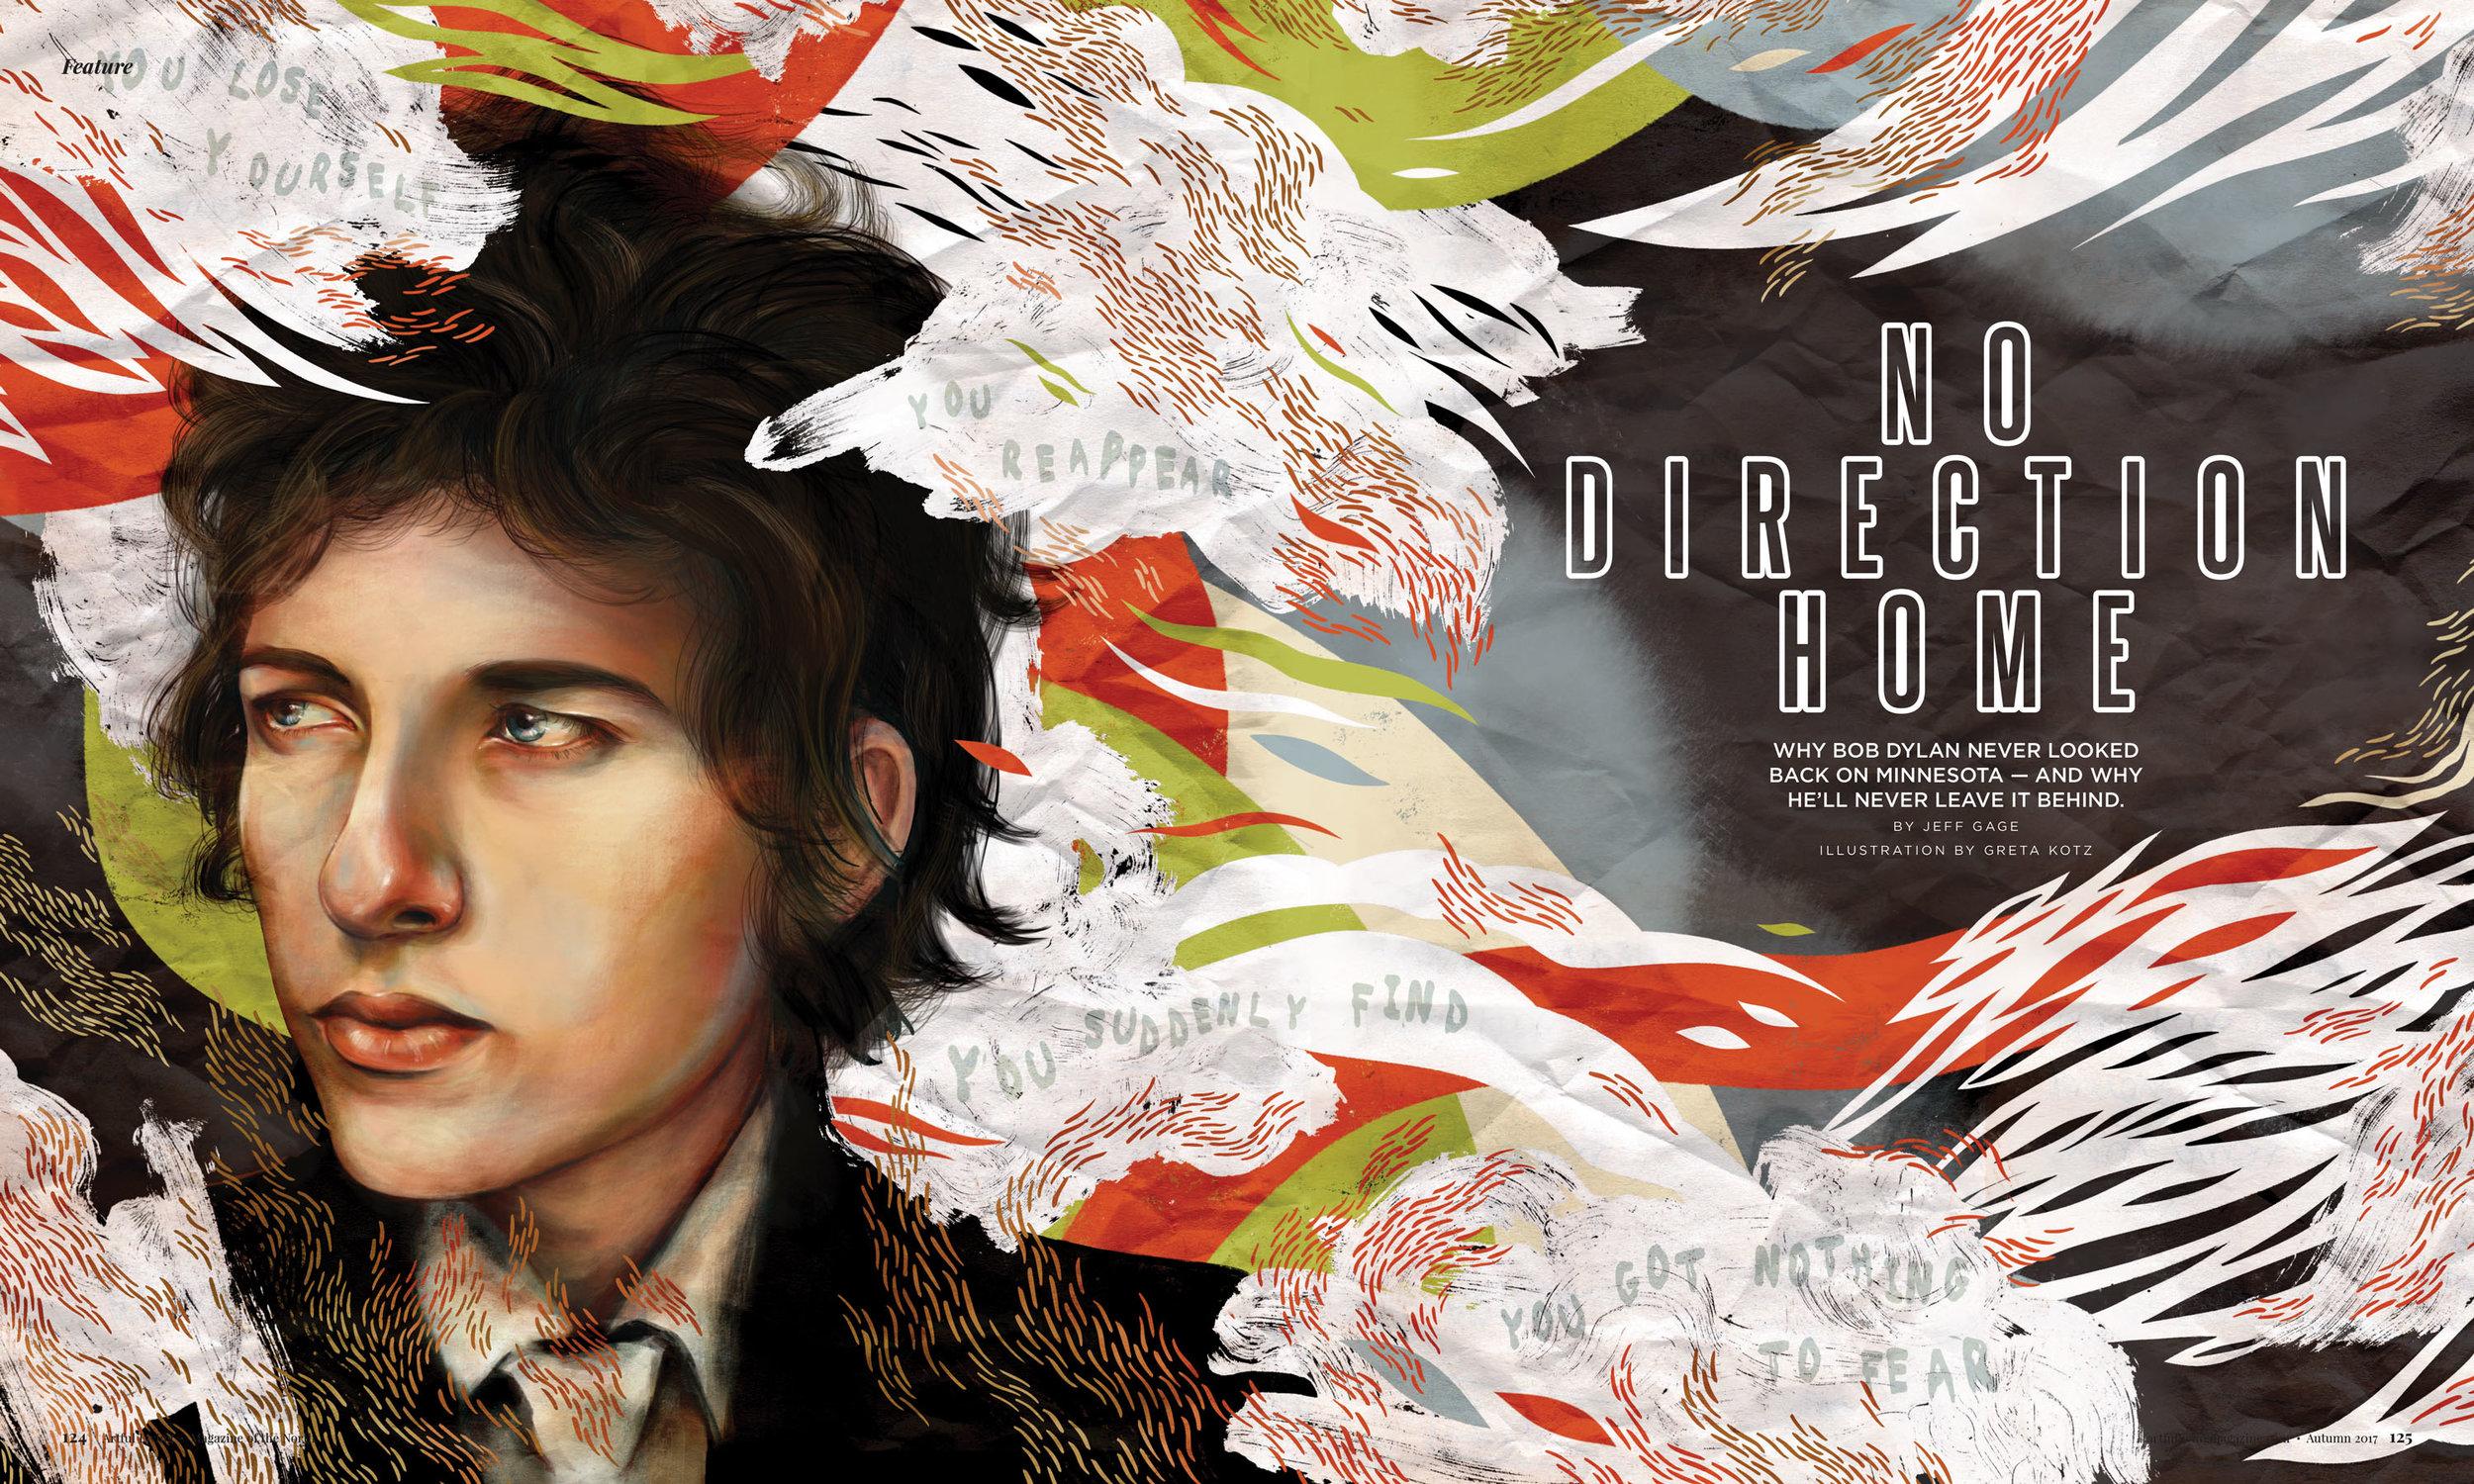 Bob Dylan spread FB.jpg